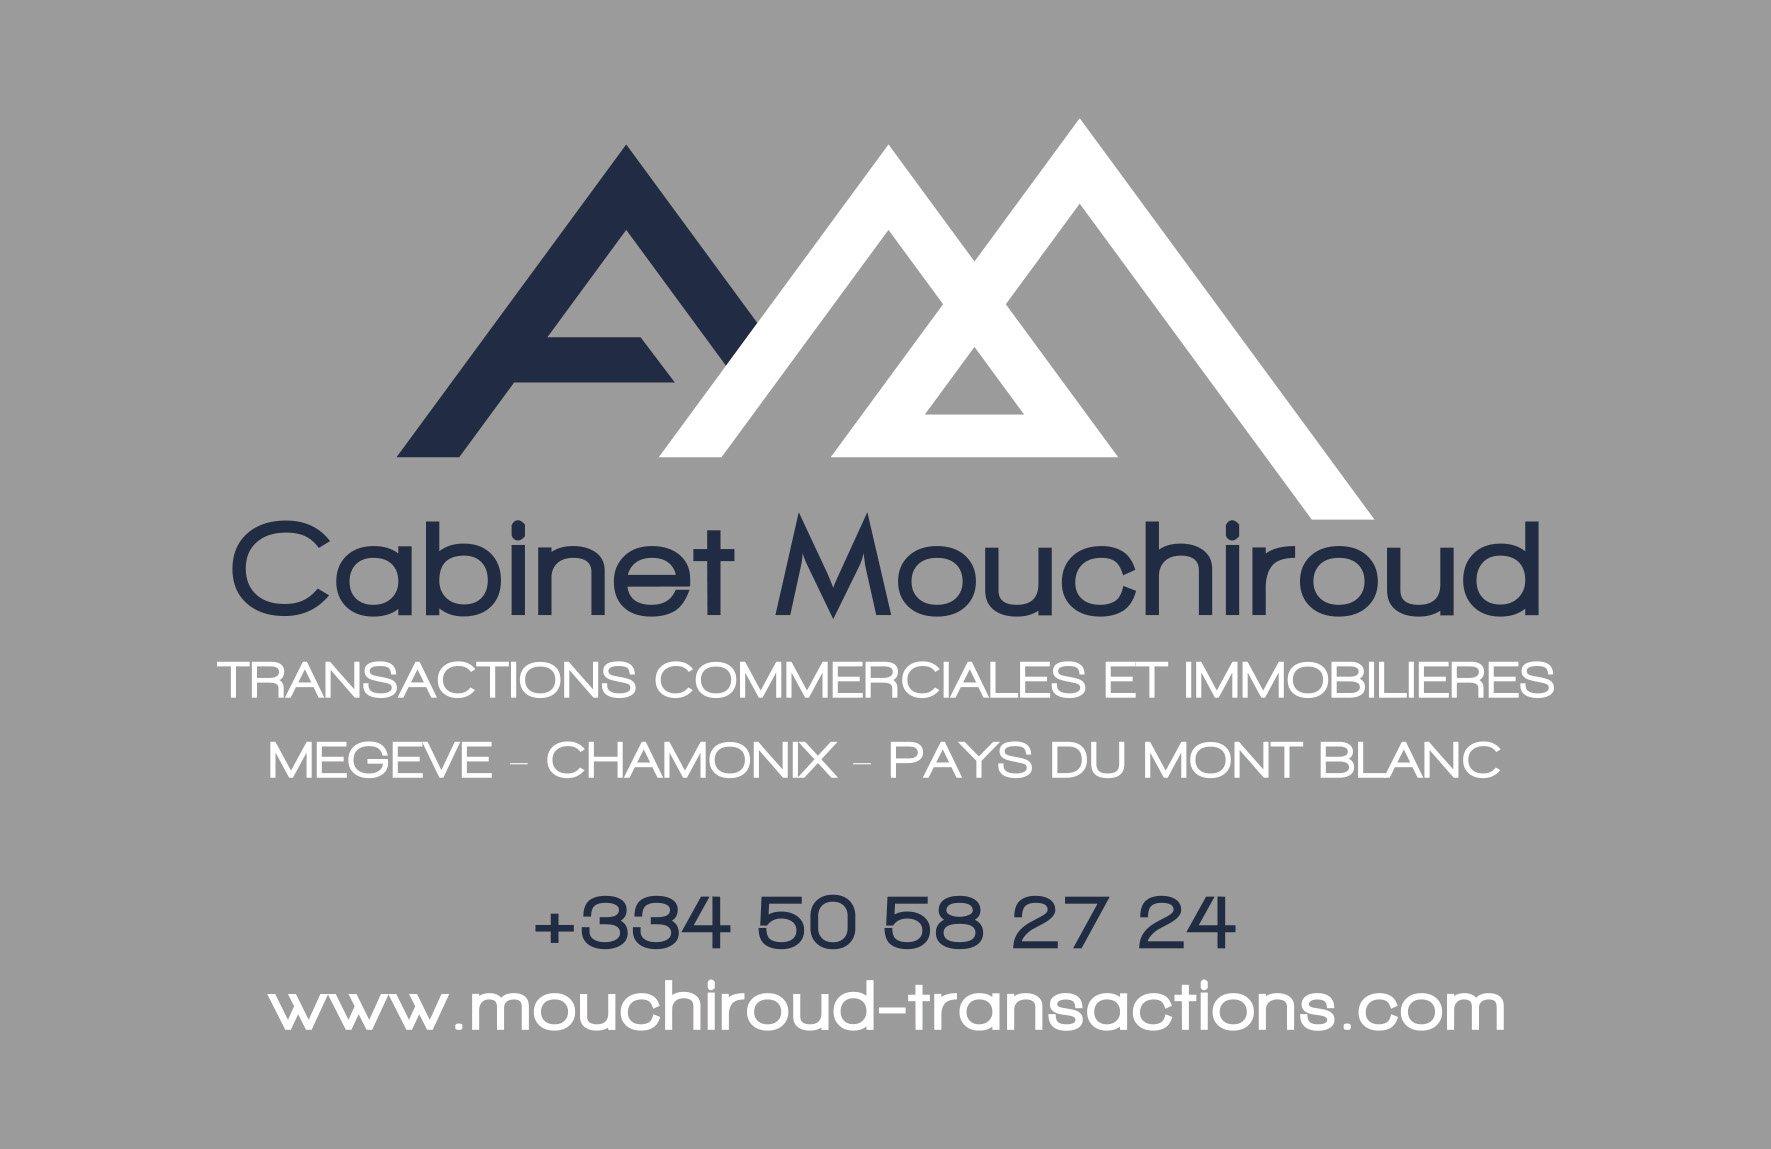 Cabinet A. Mouchiroud